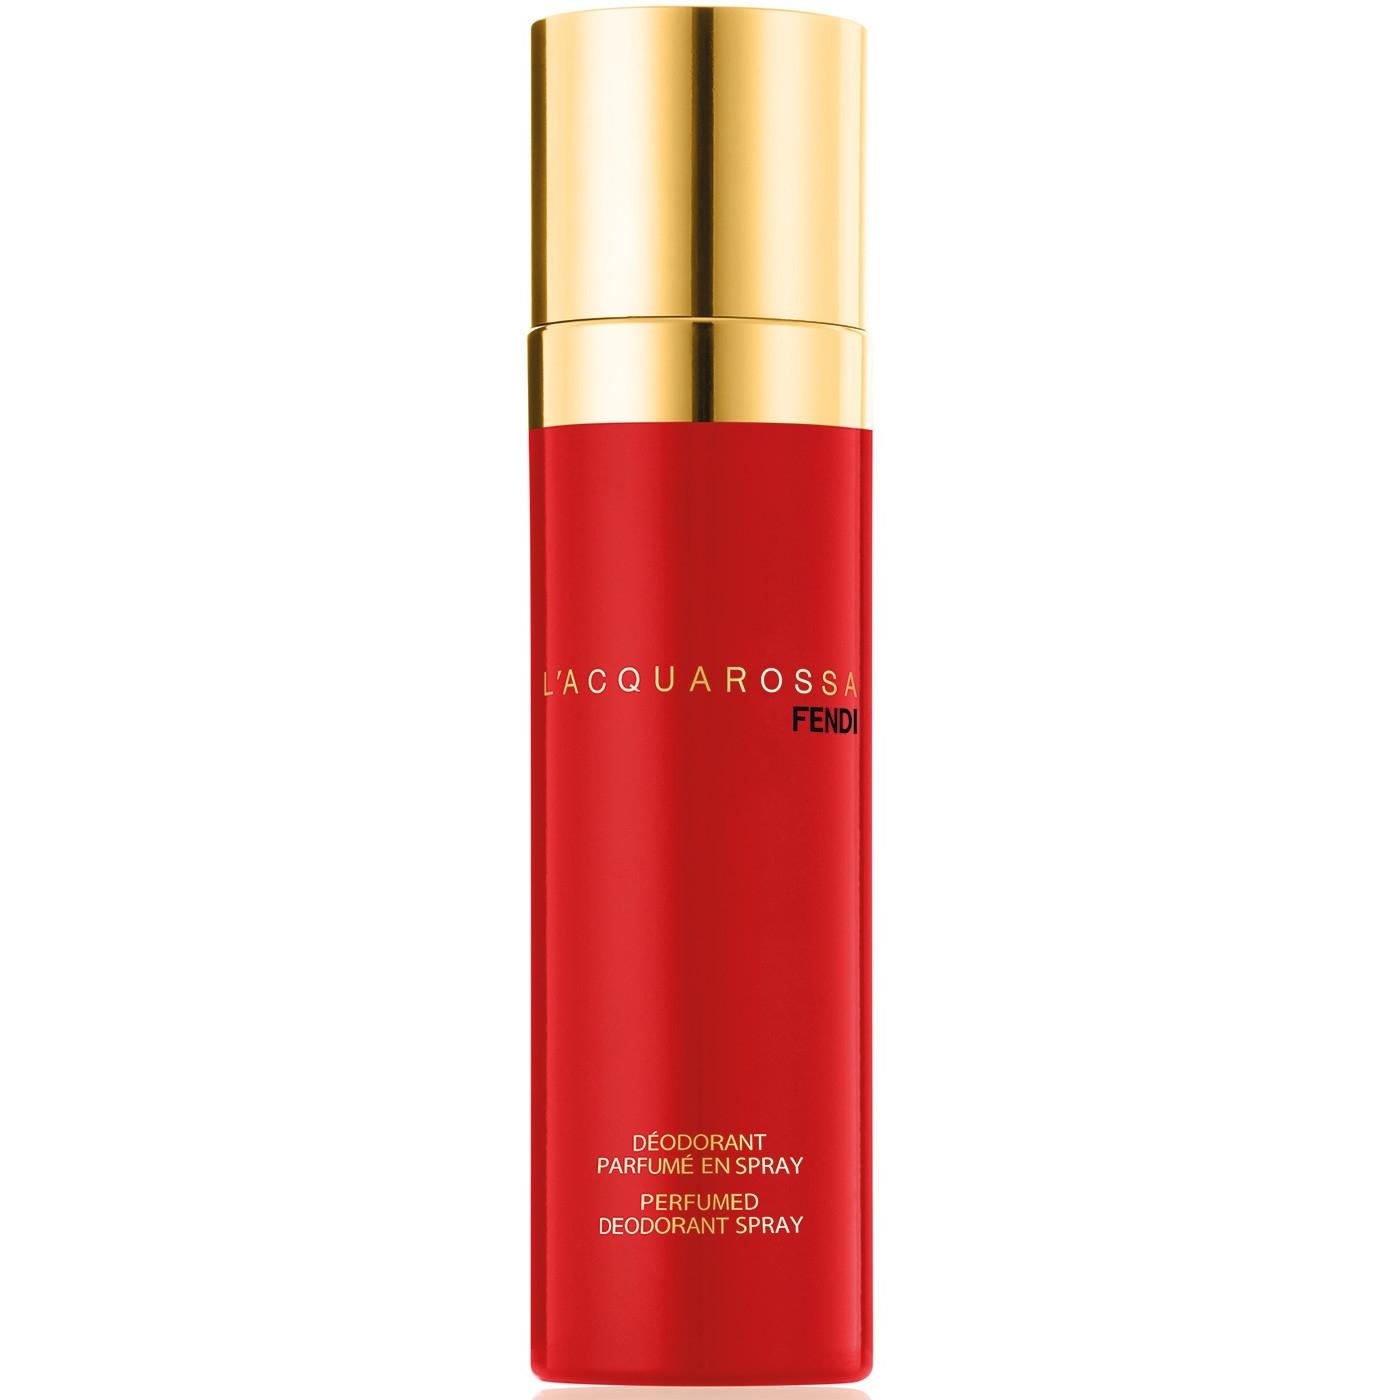 Lacquarossa Fendi deodorante spray donna 150 ml